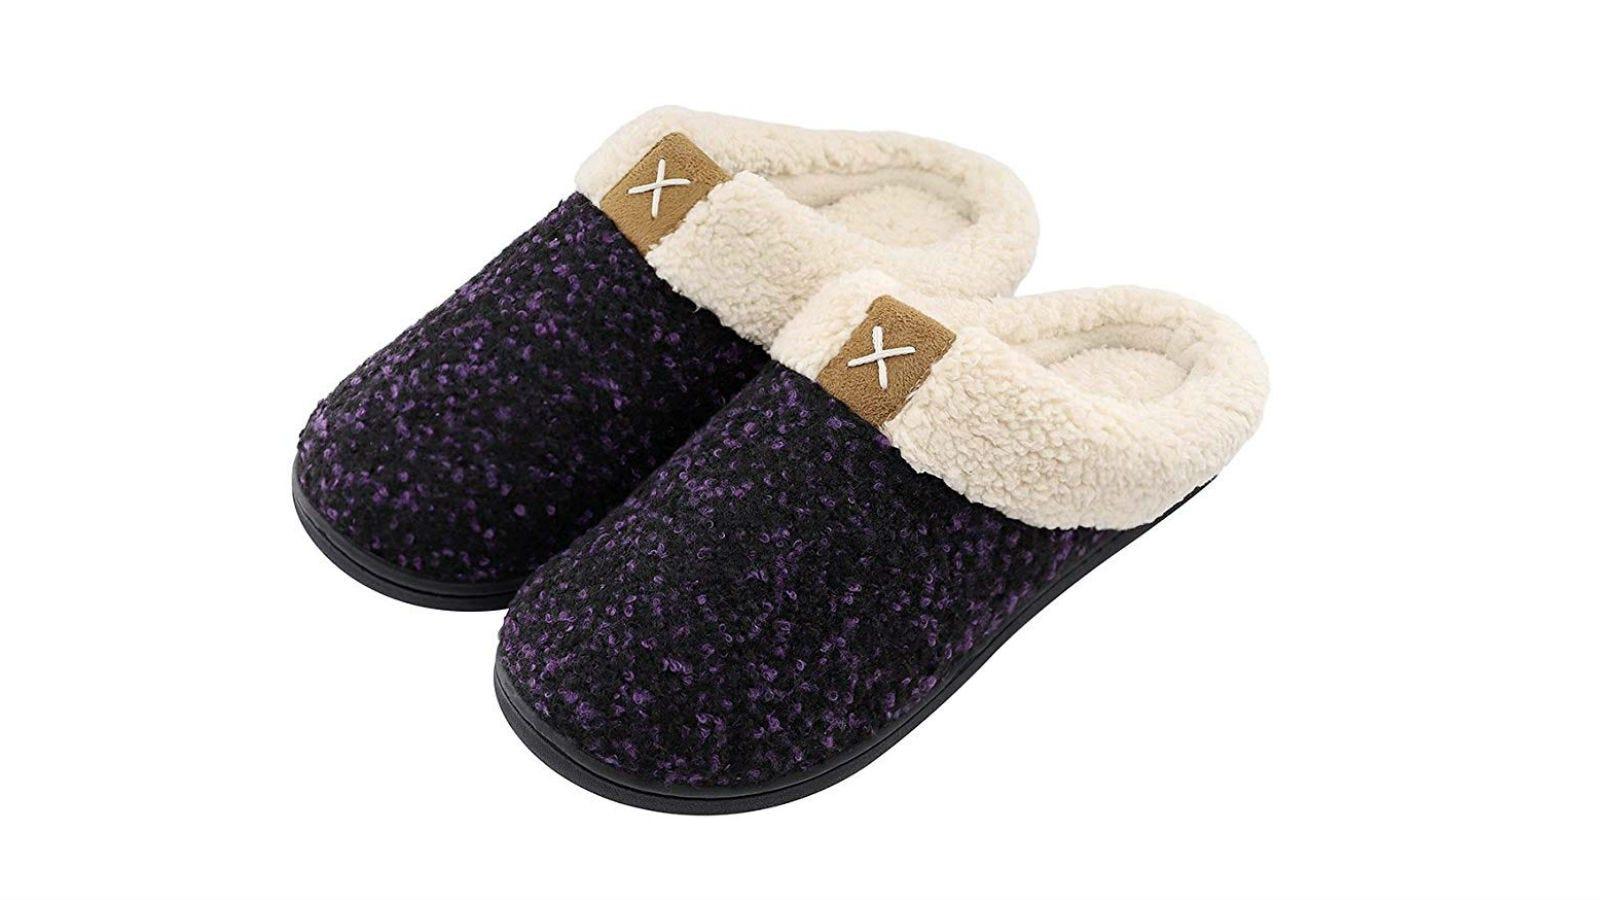 A pair of Ultraideas Cozy Memory Foam Slippers in purple.